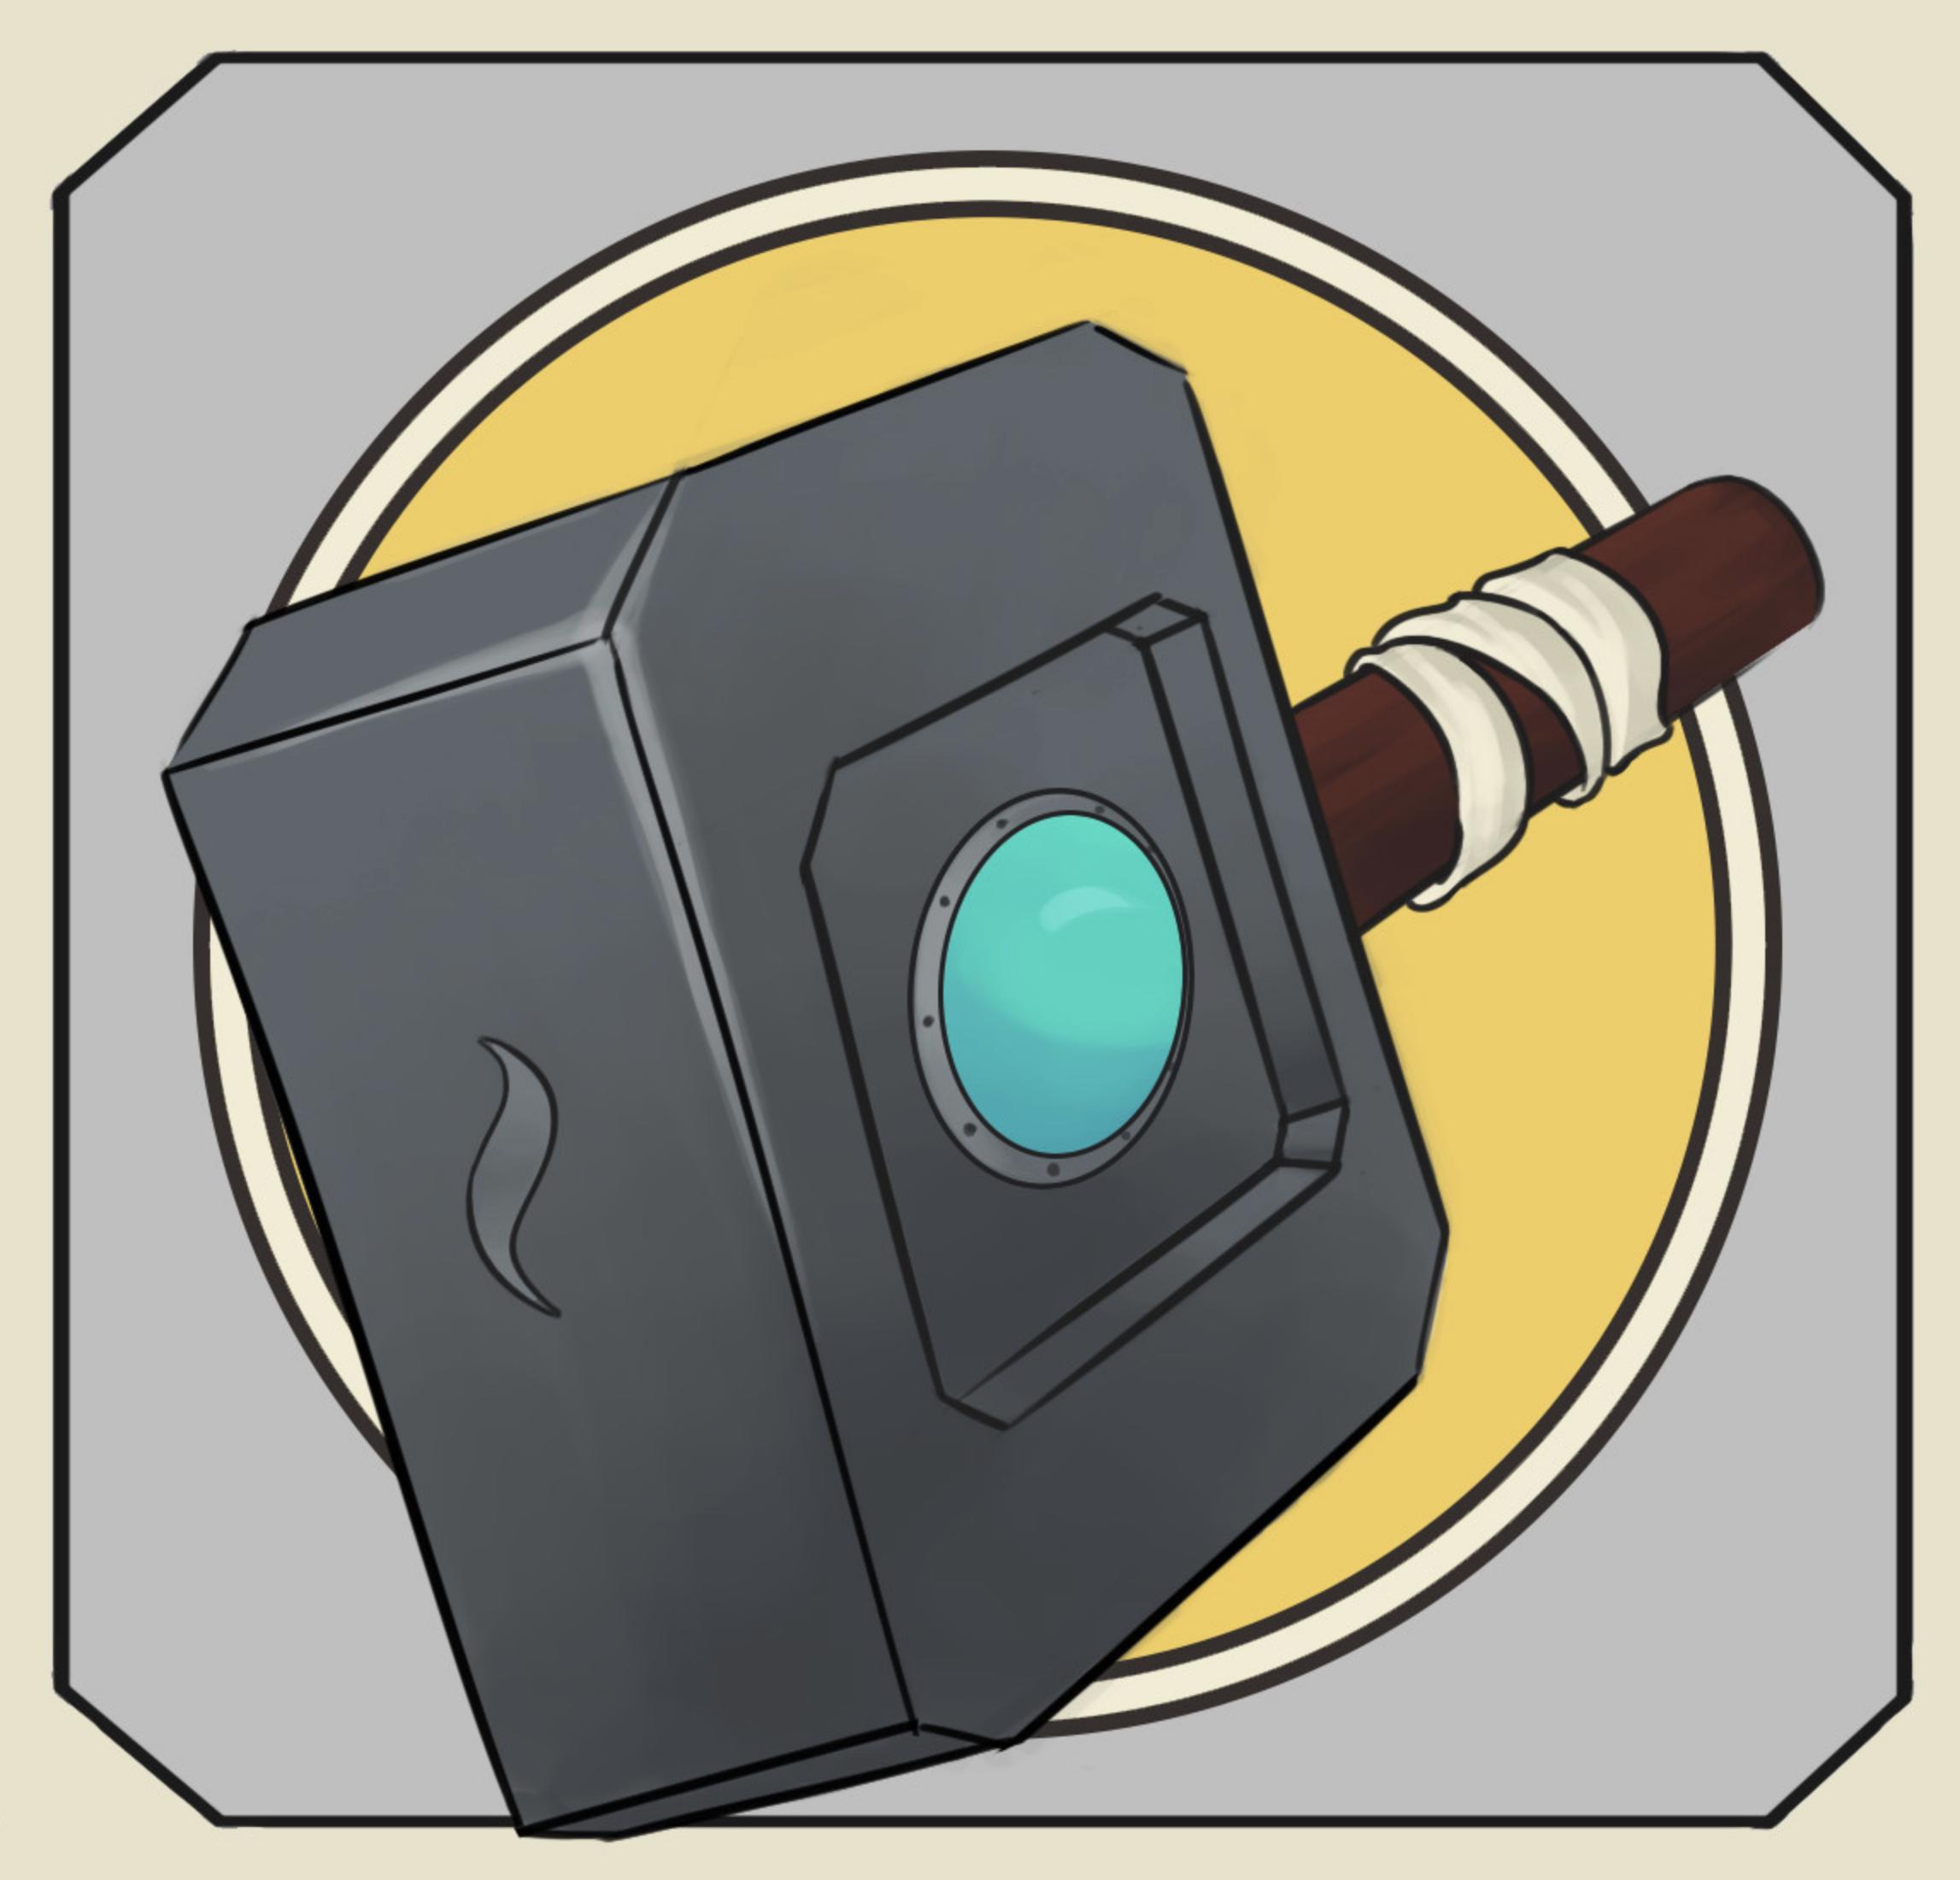 Hammer - 2D Concept